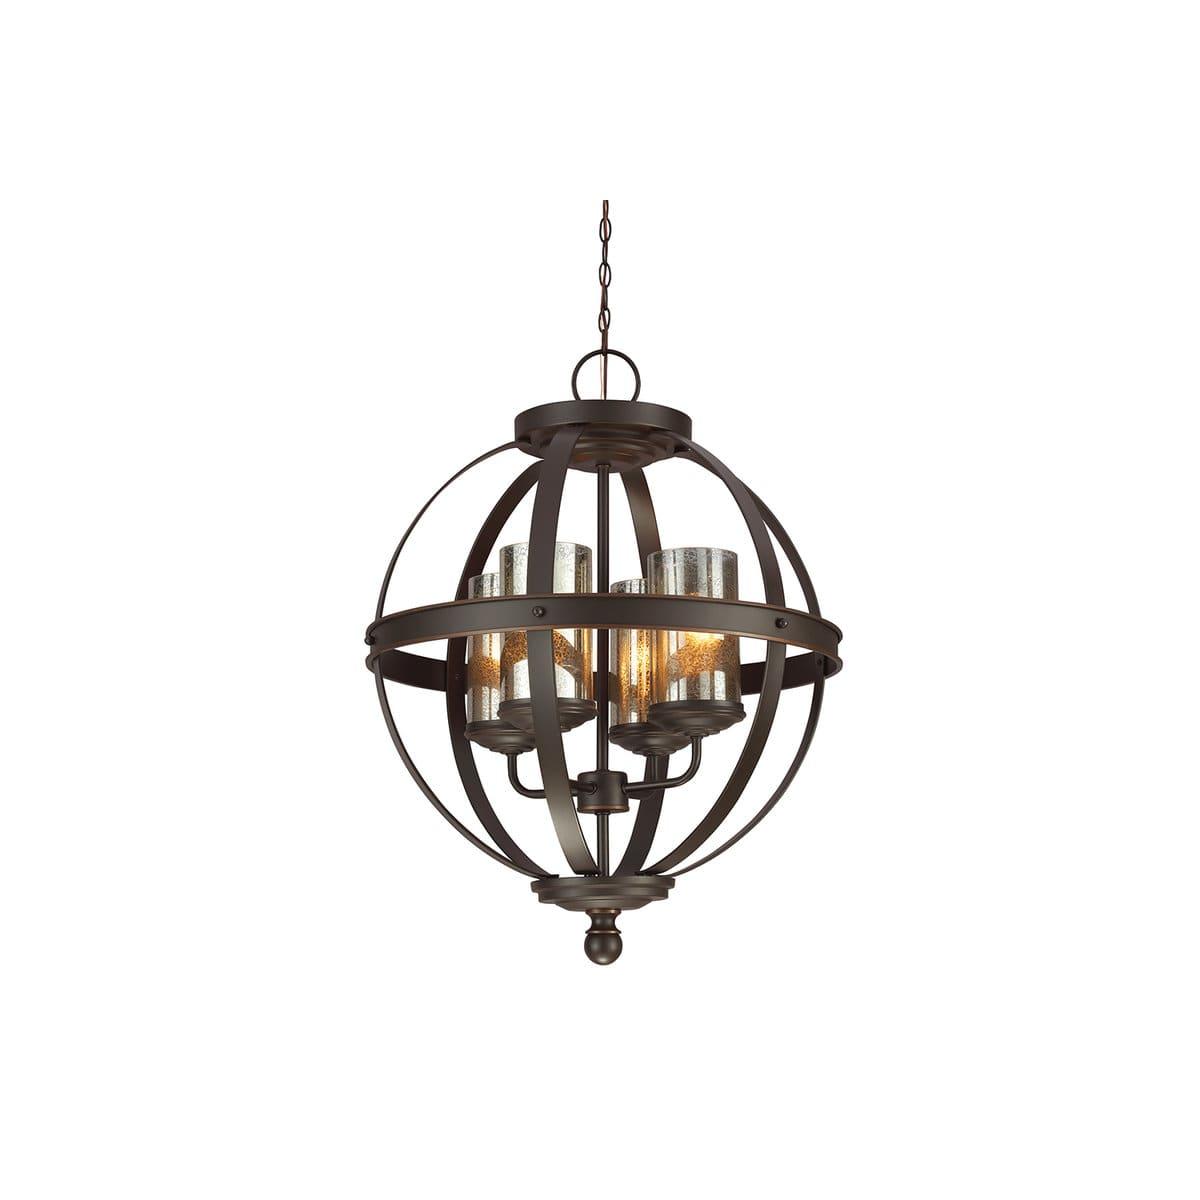 Sea Gull Lighting 3110404